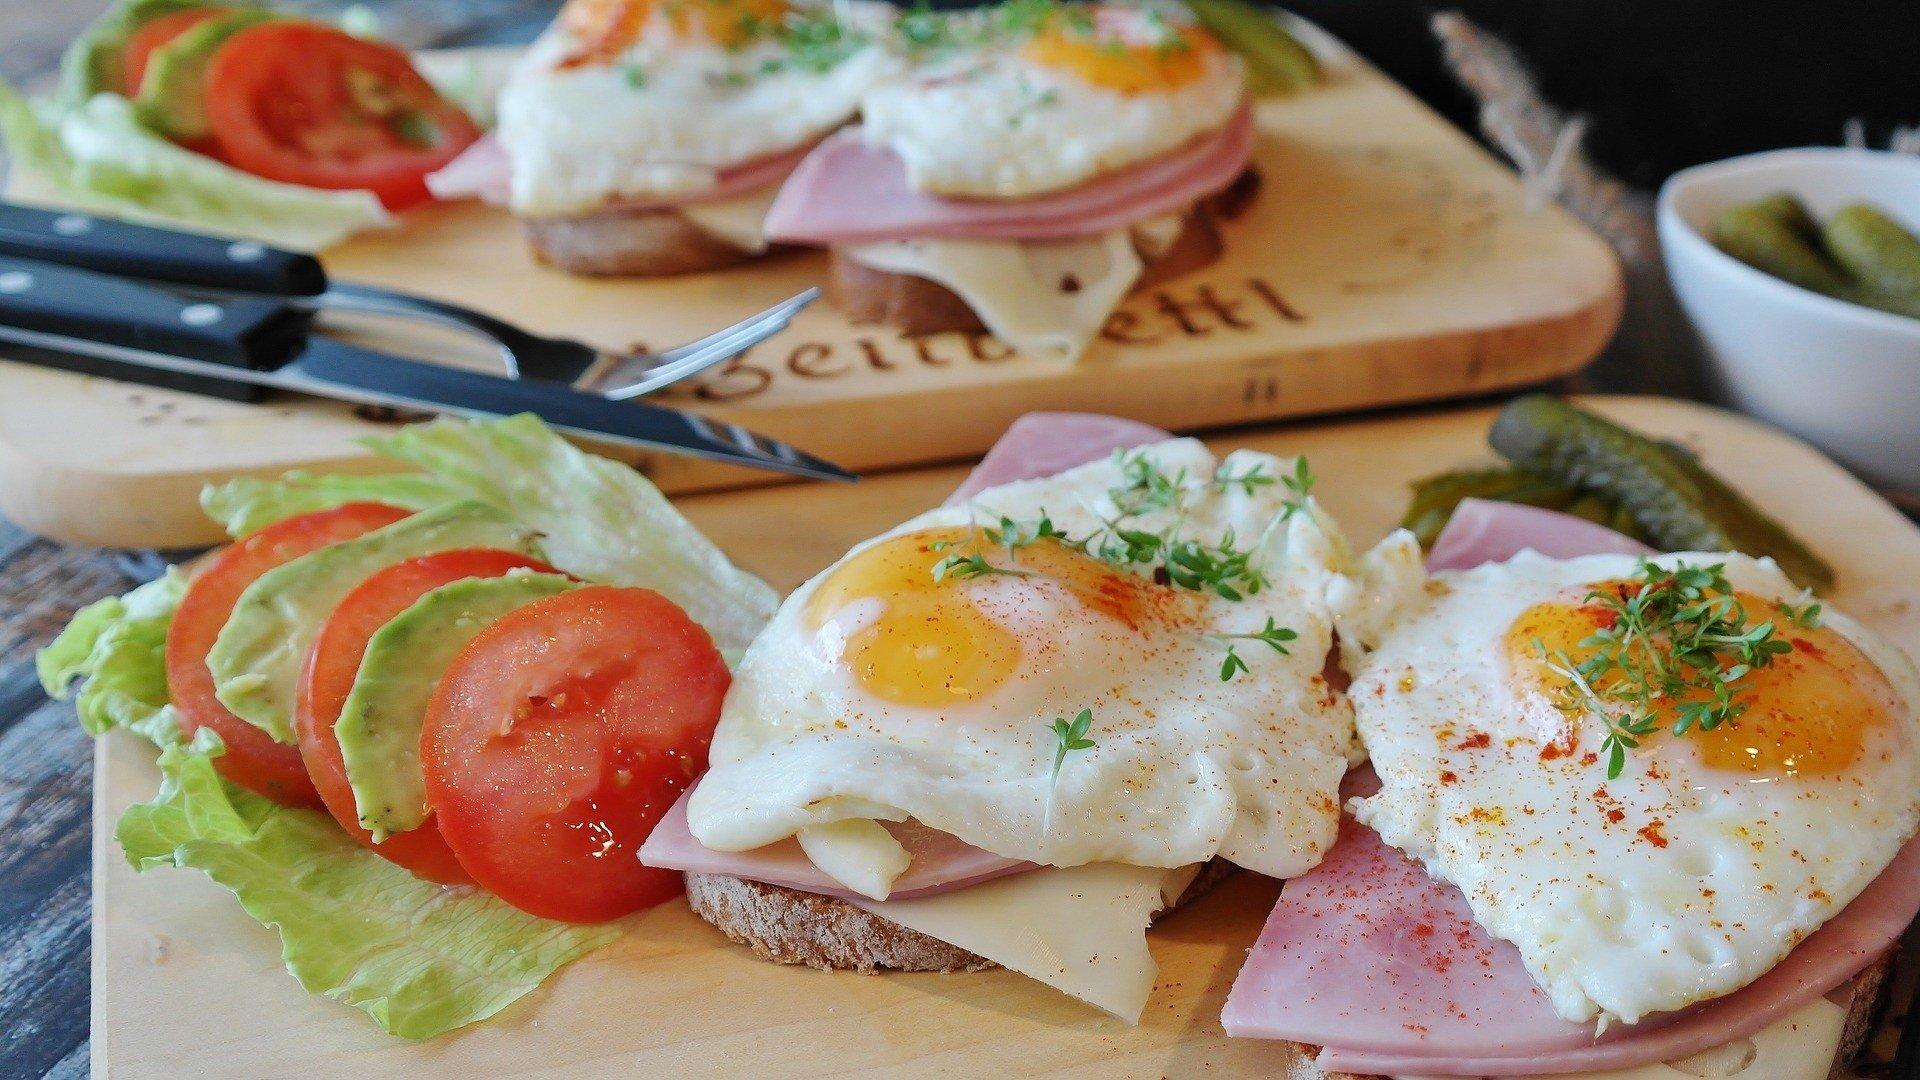 Dieta Lekkostrawna Co Jesc Jak Wyglada Jadlospis Diety I Jak